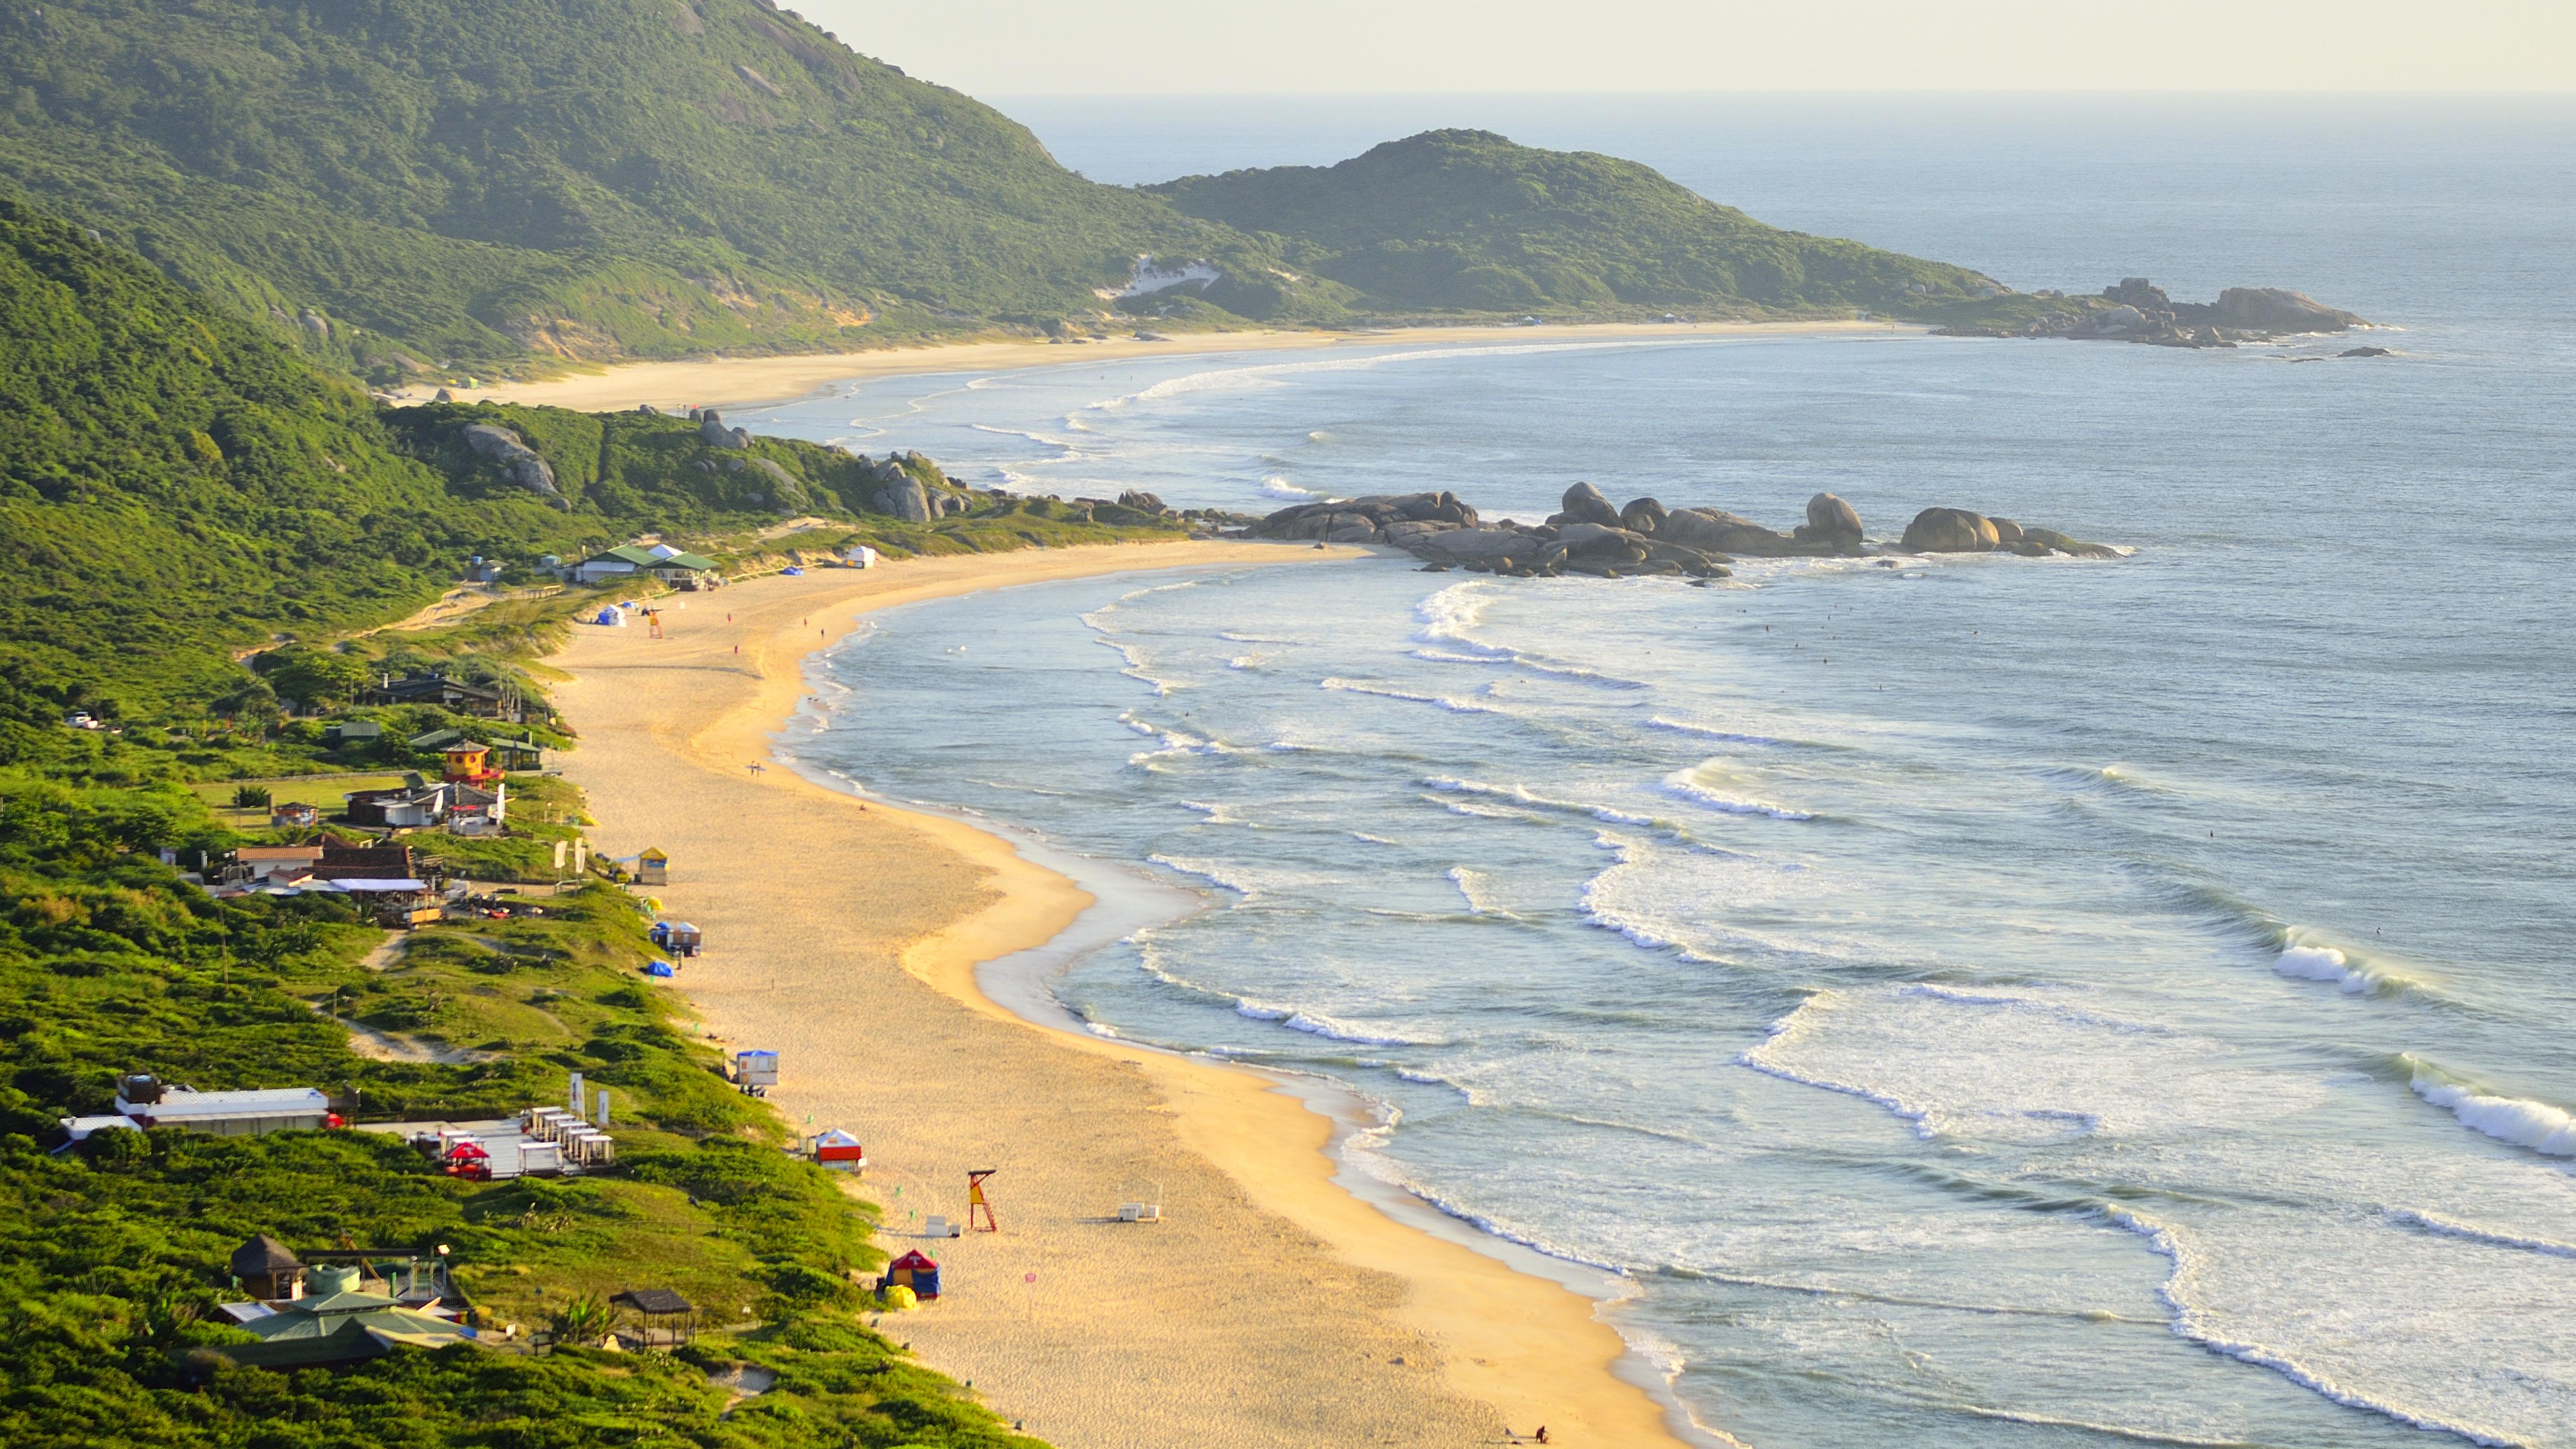 Praia Mole – Wikipédia, a enciclopédia livre